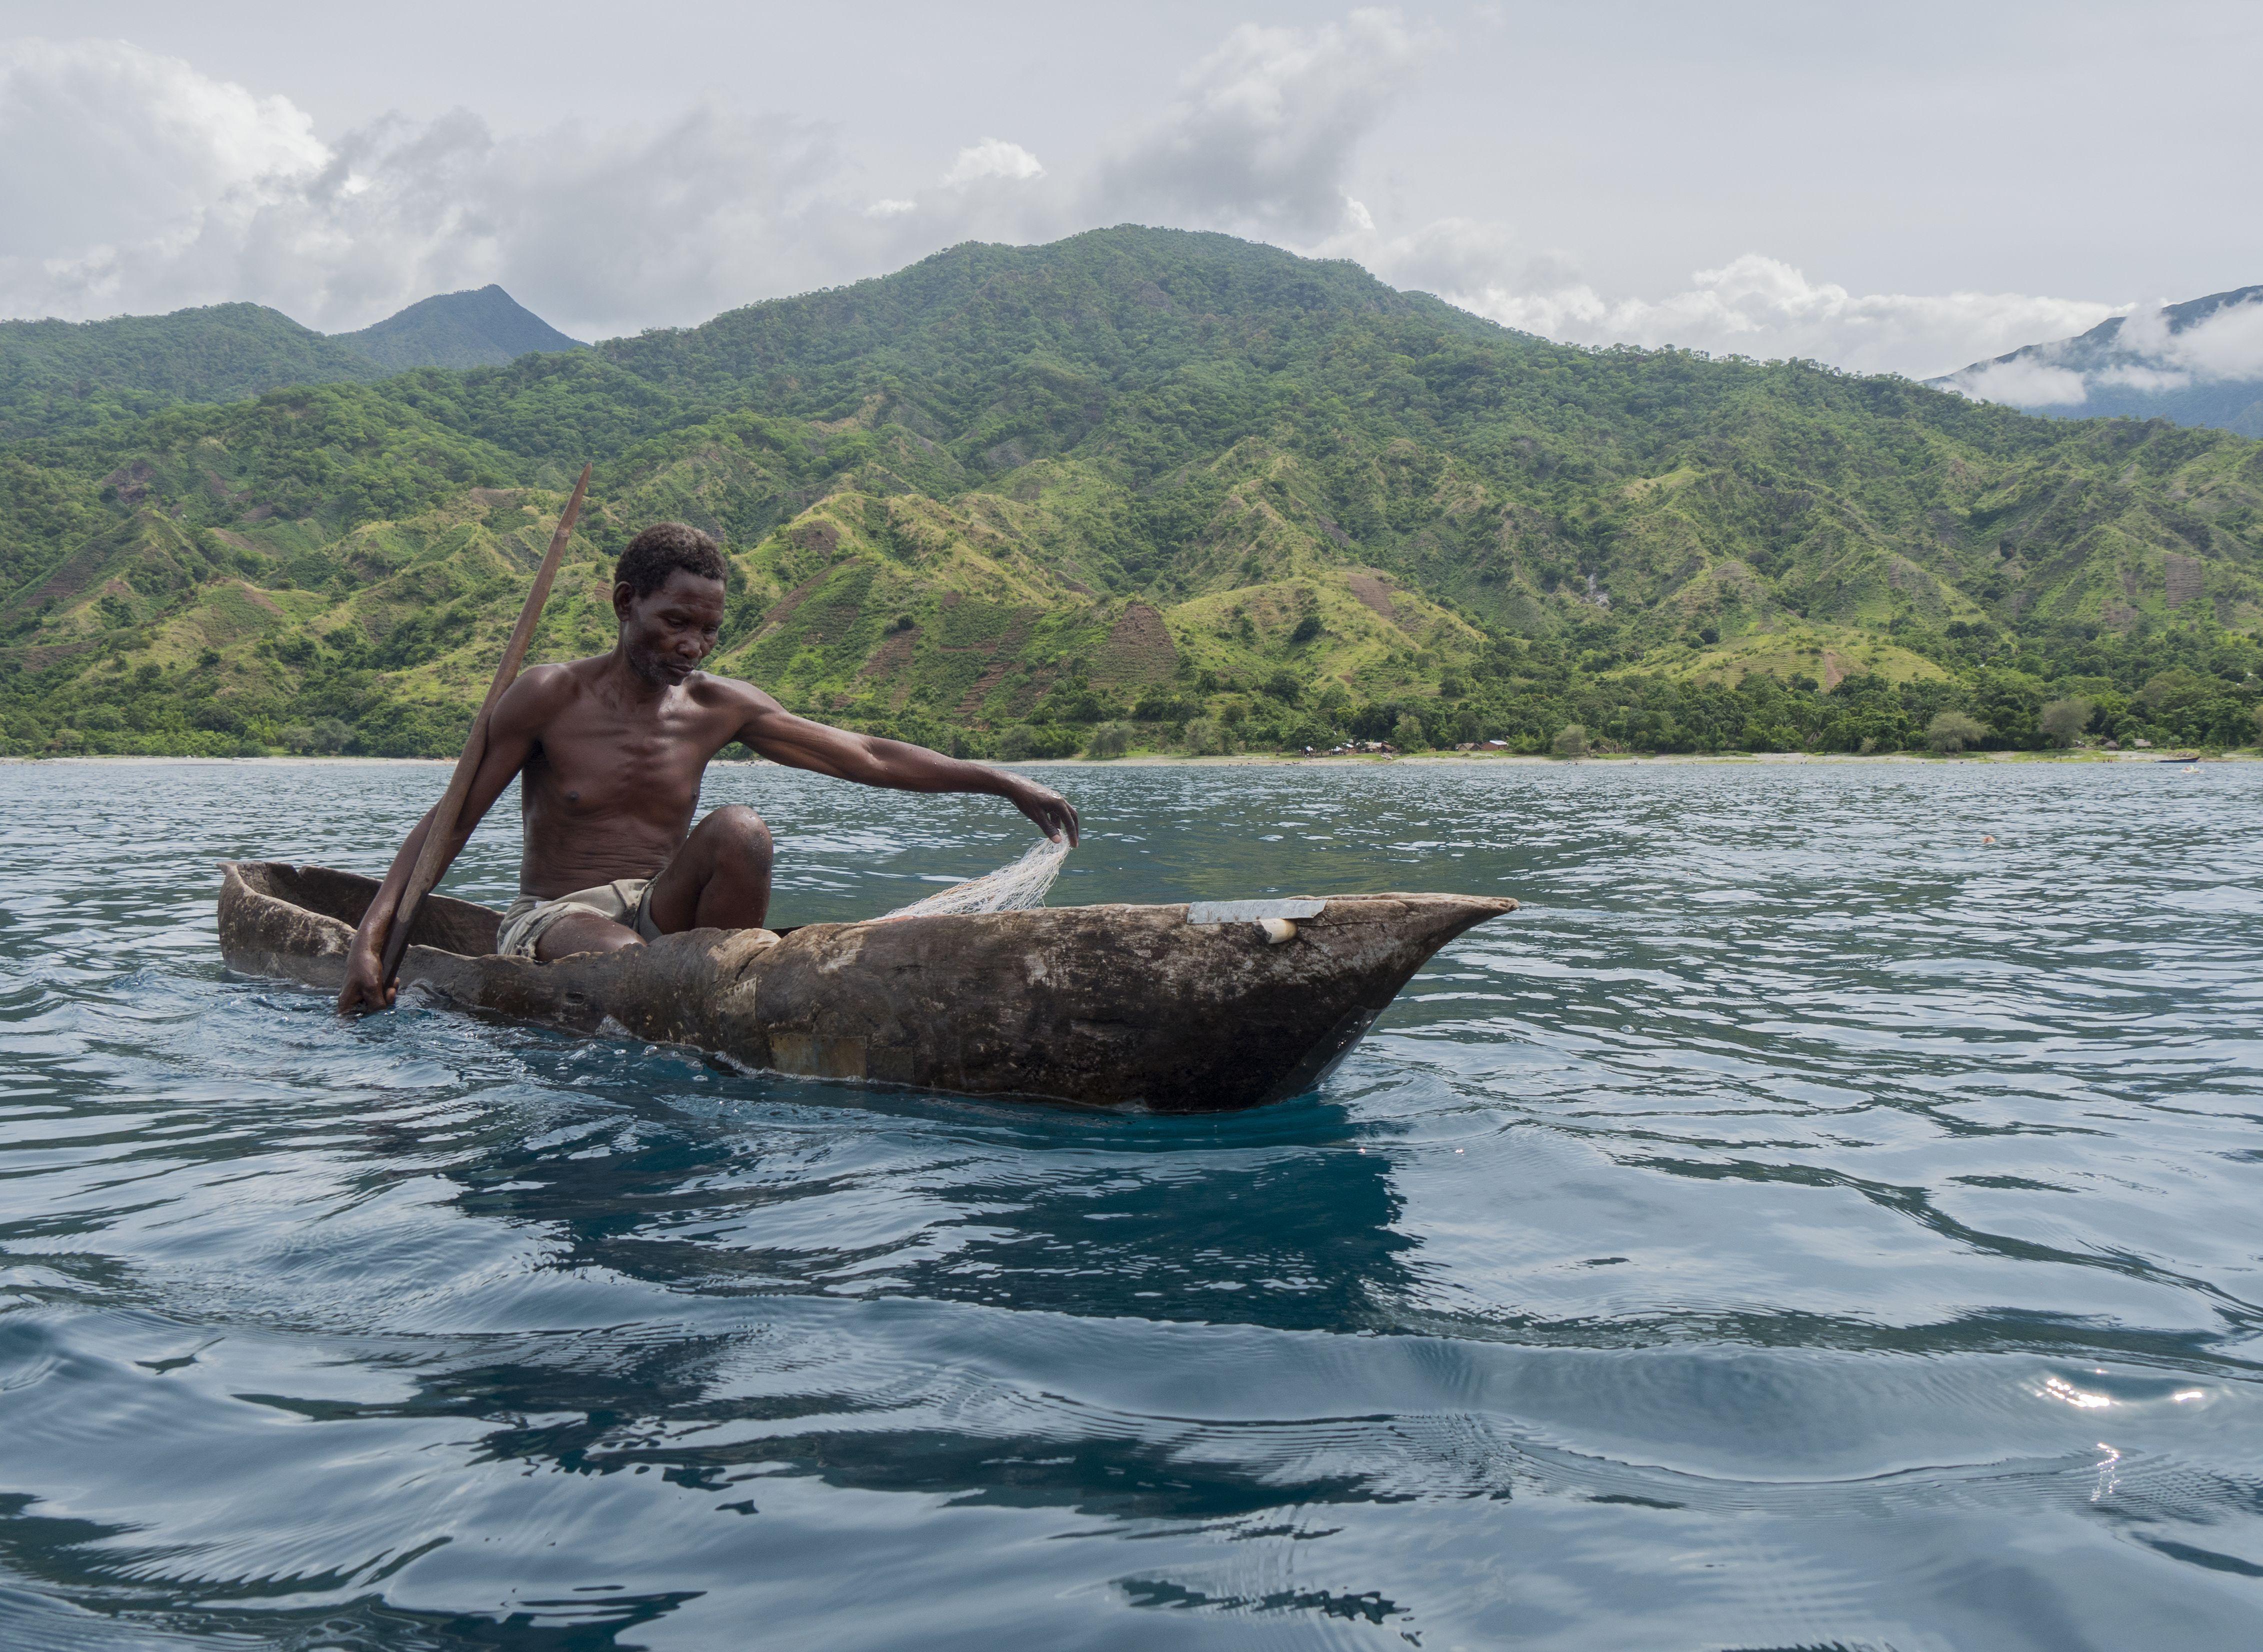 Fishermen in canoe1